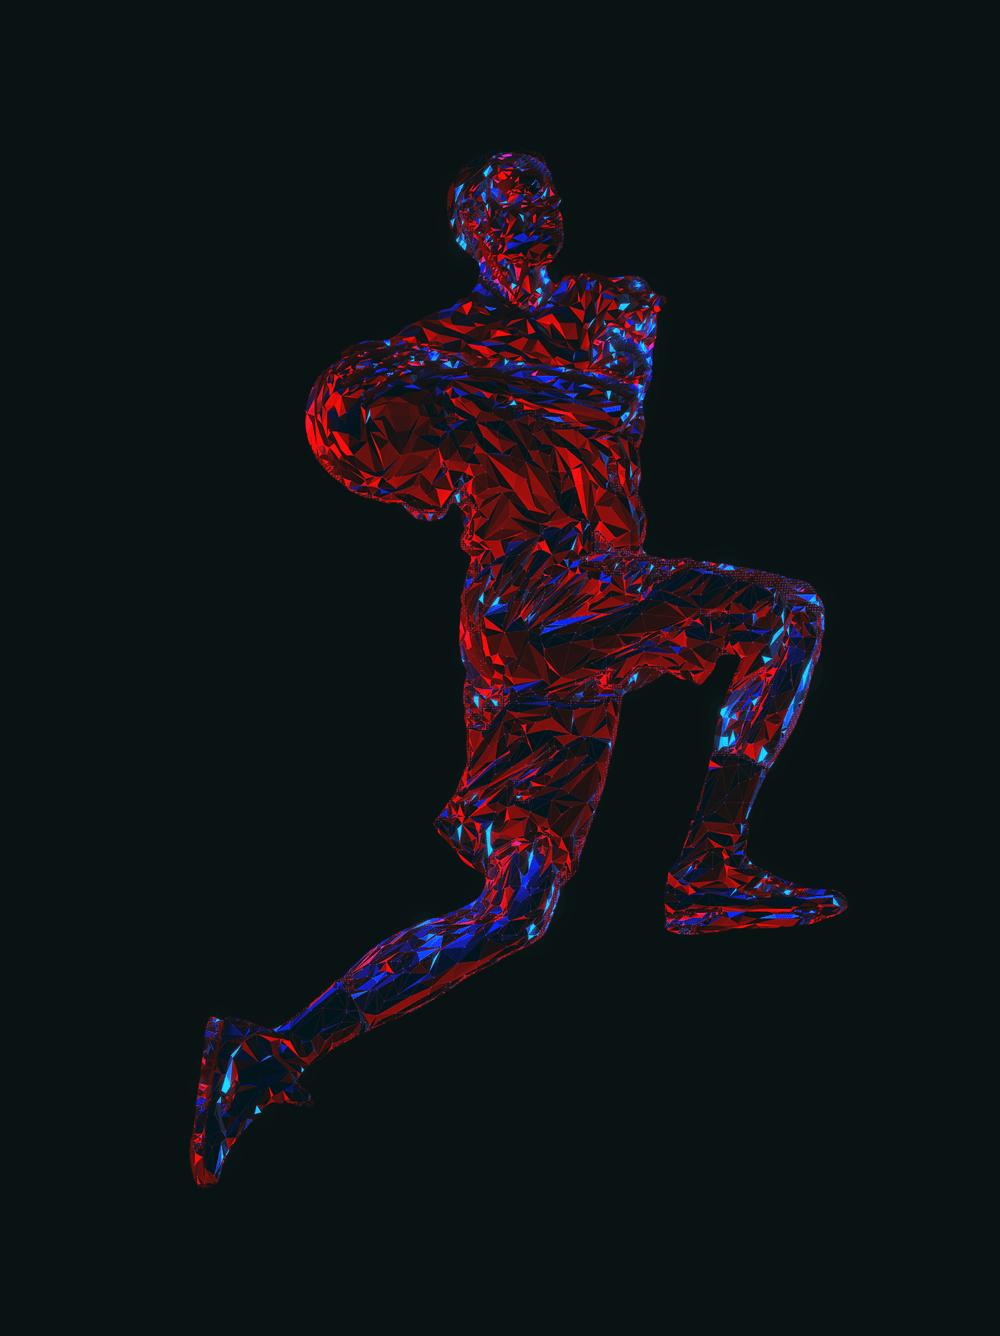 低多边形PS照片特效动作处理文件下载(Atn)polygon-photoshop-action-LEFNWV5